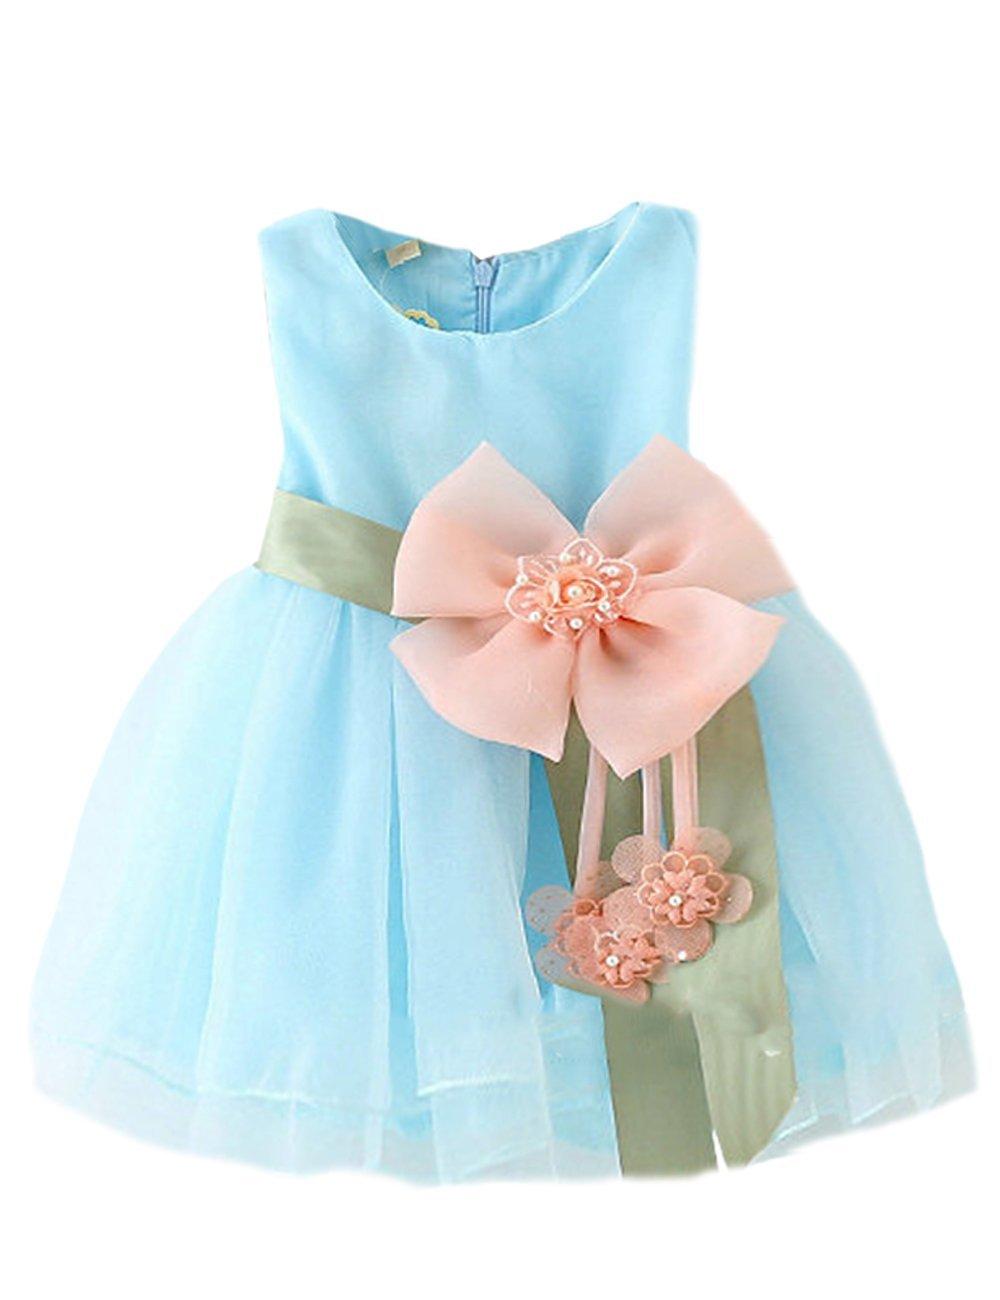 Toddler Party Wedding Dresses: Amazon.co.uk